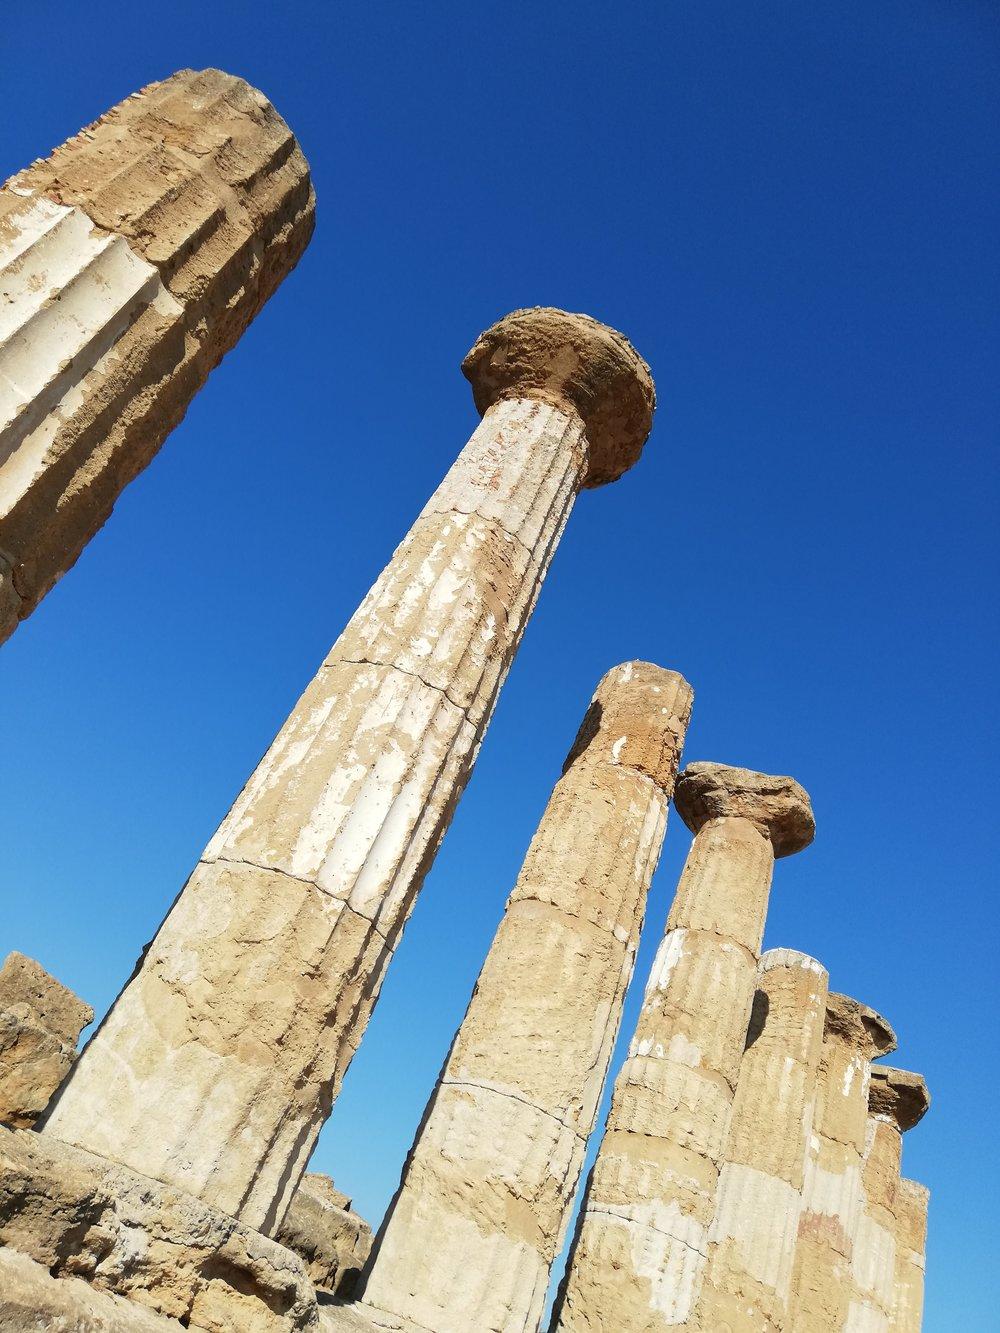 Les colonnes du temple d'Héraclès